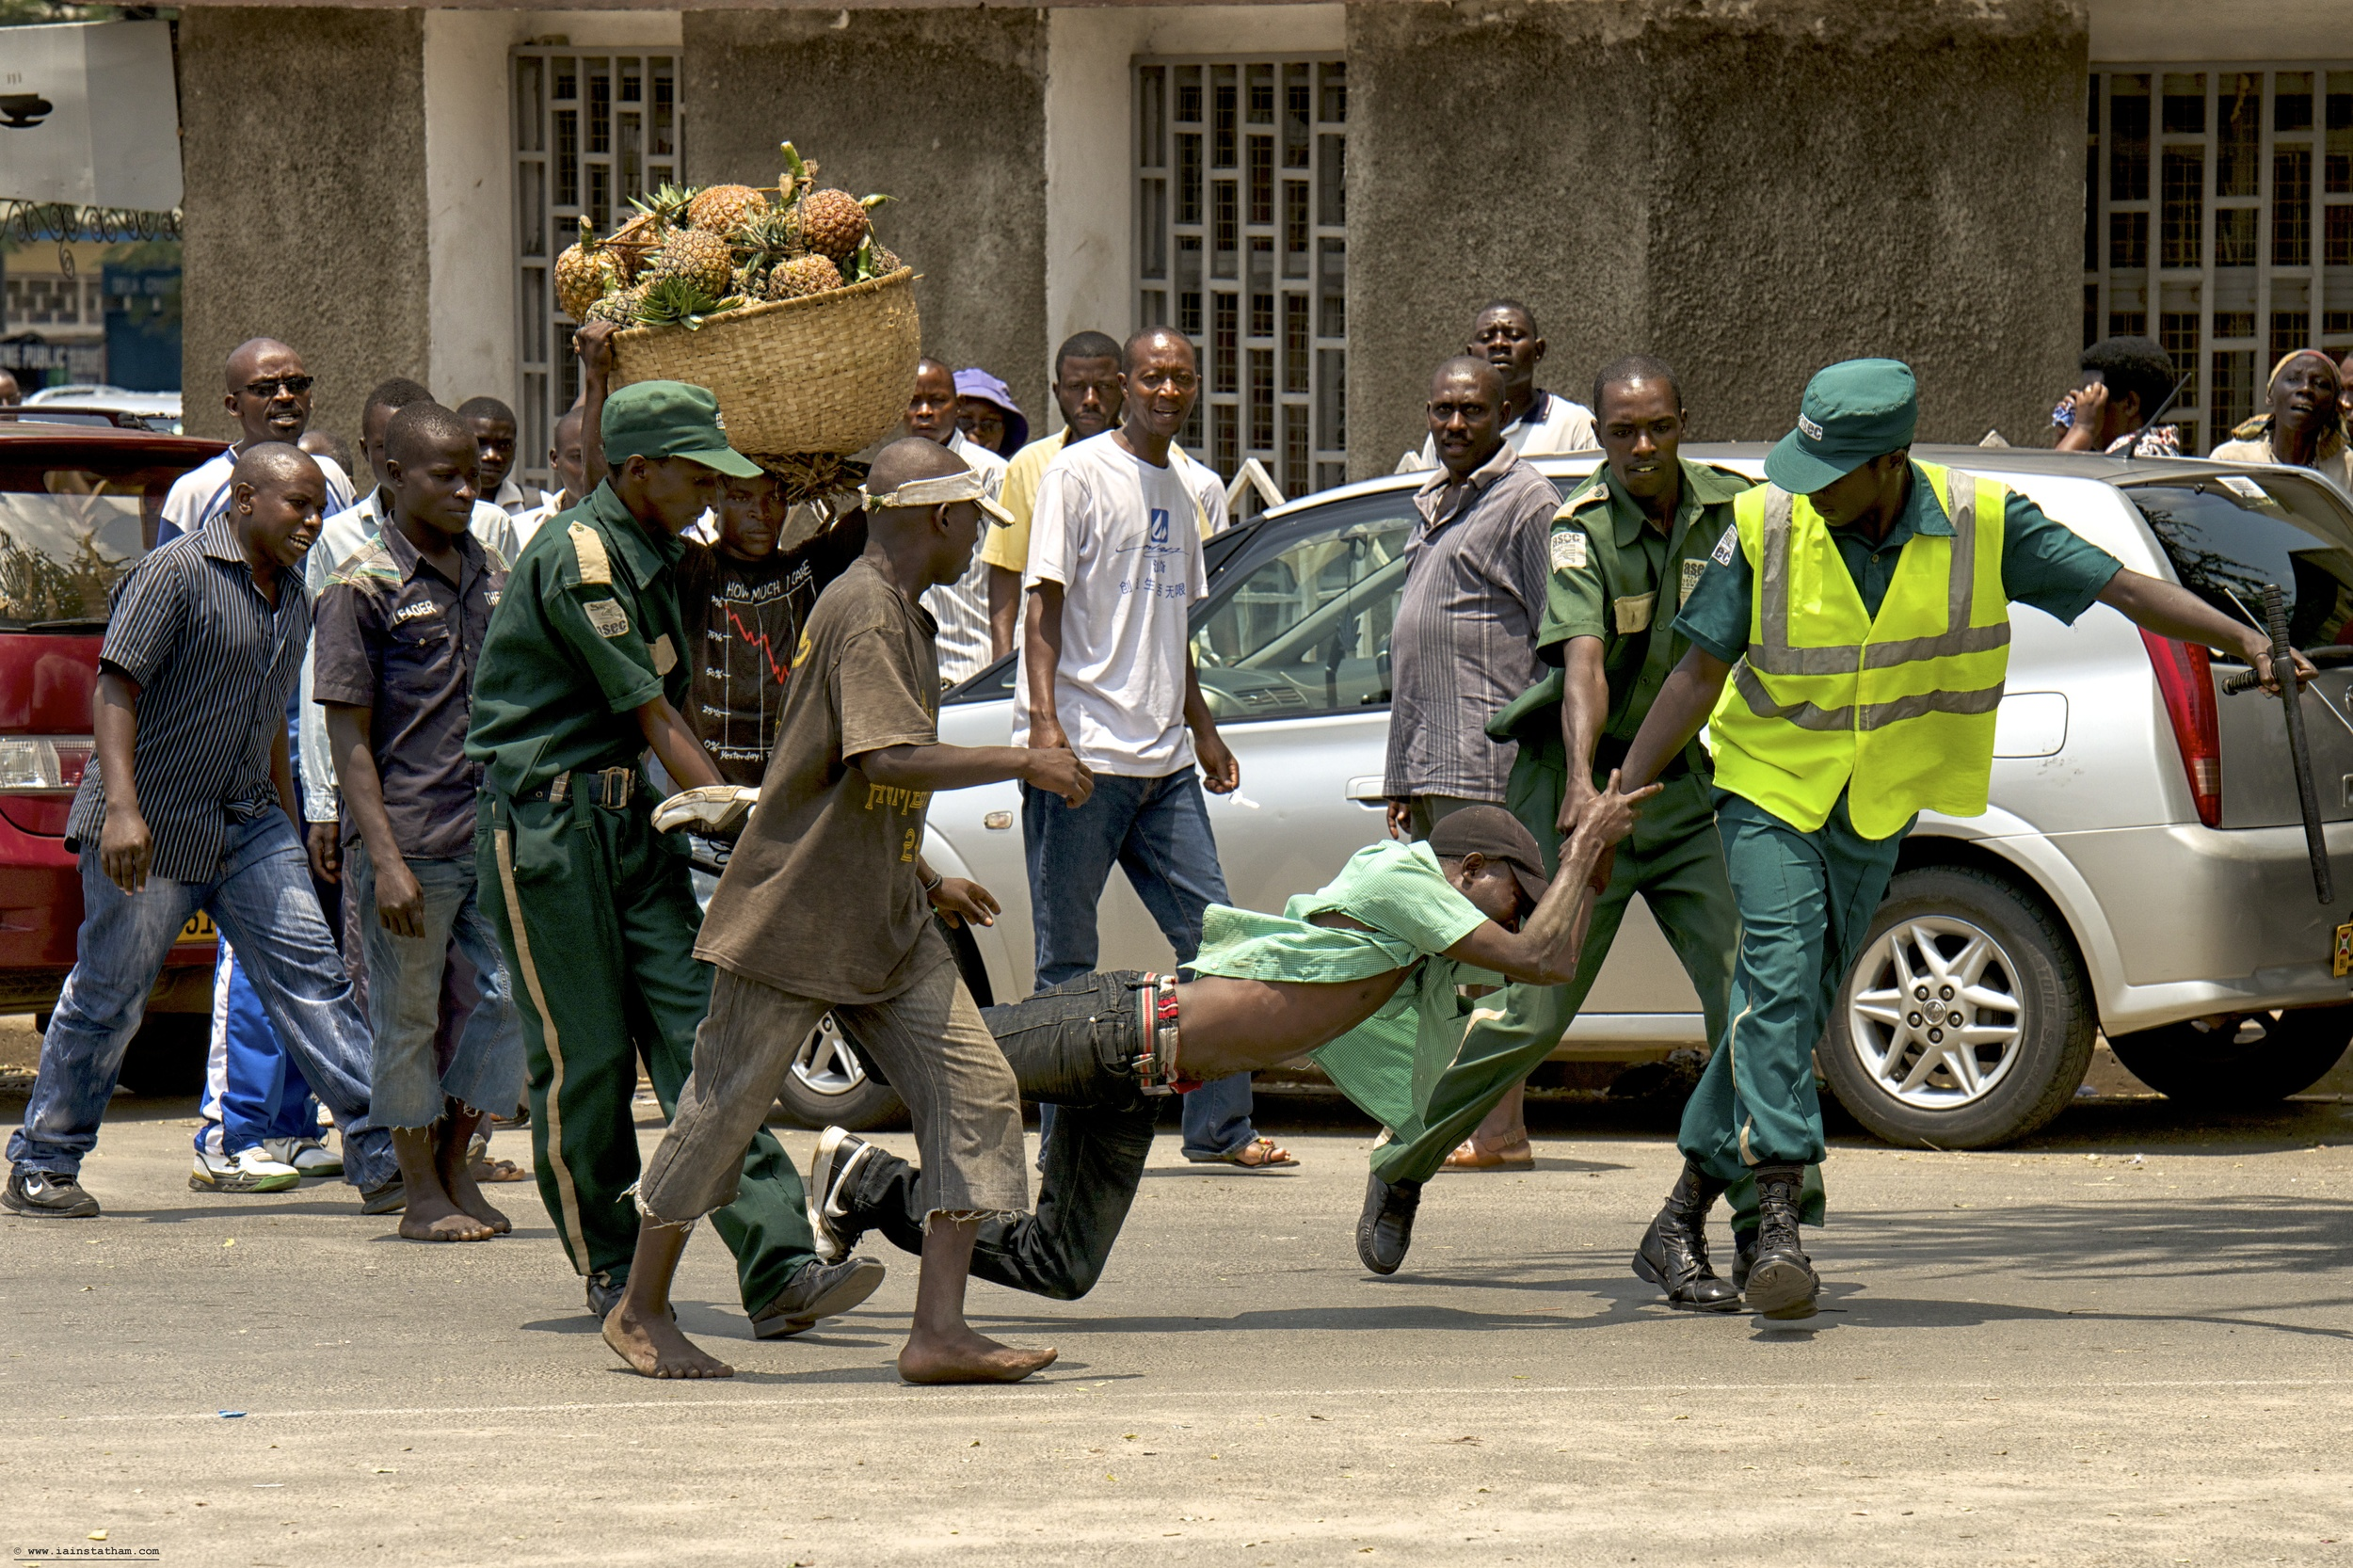 bujumbura thief 4.jpg